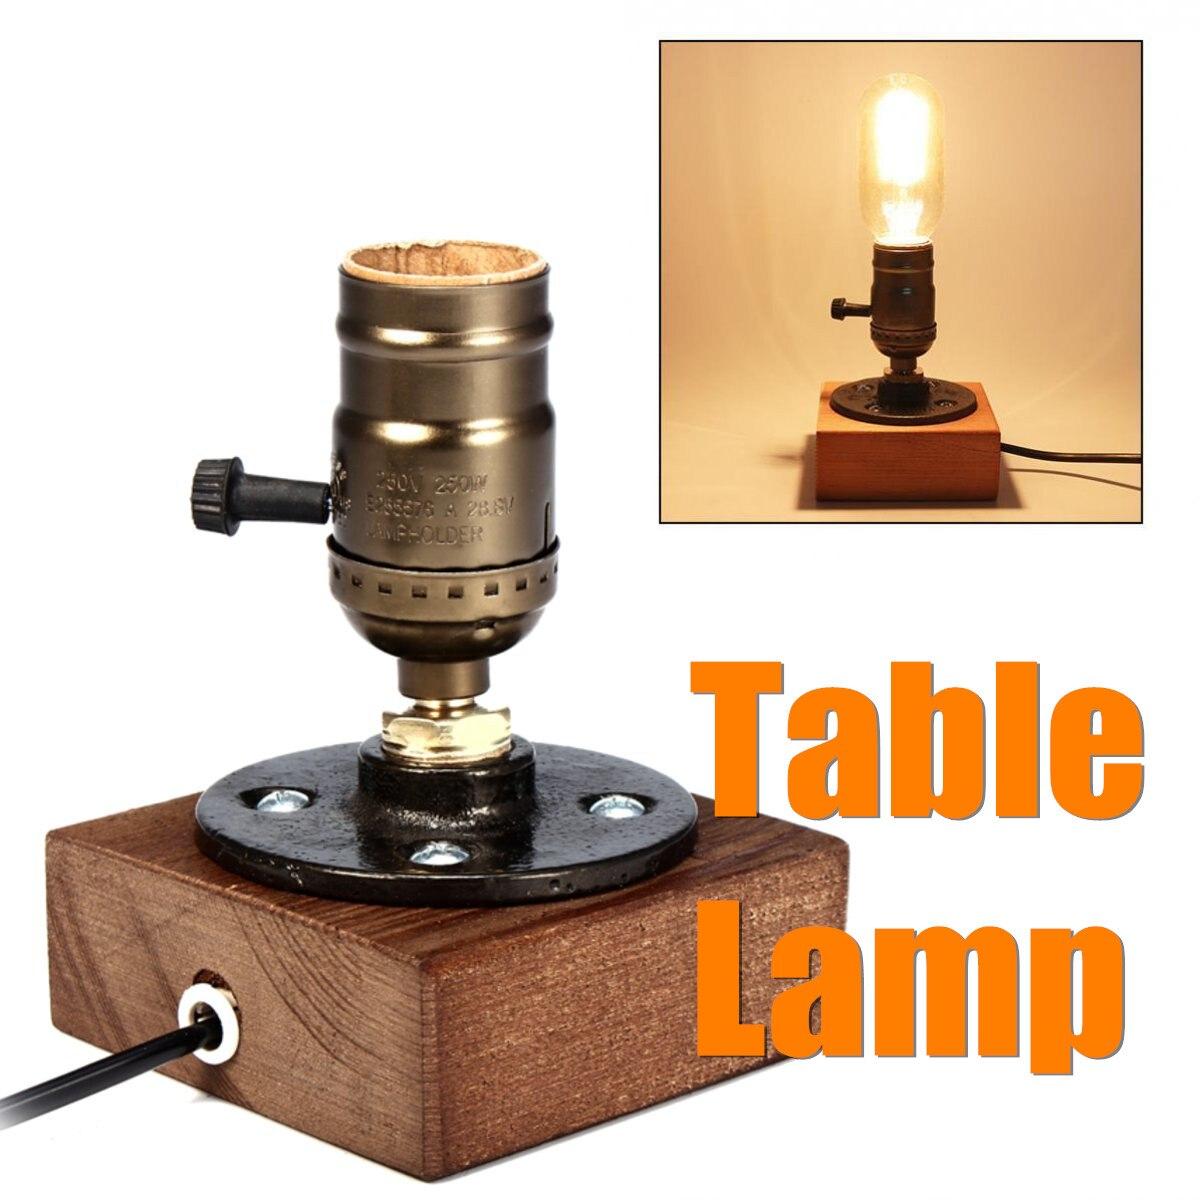 Elettrica di legno Retro Classic Scrivania Comodino di Notte Della Lampada di Studio Lampada Da Tavolo Bar Coffee Shop Luce di Illuminazione Interna Forniture E27